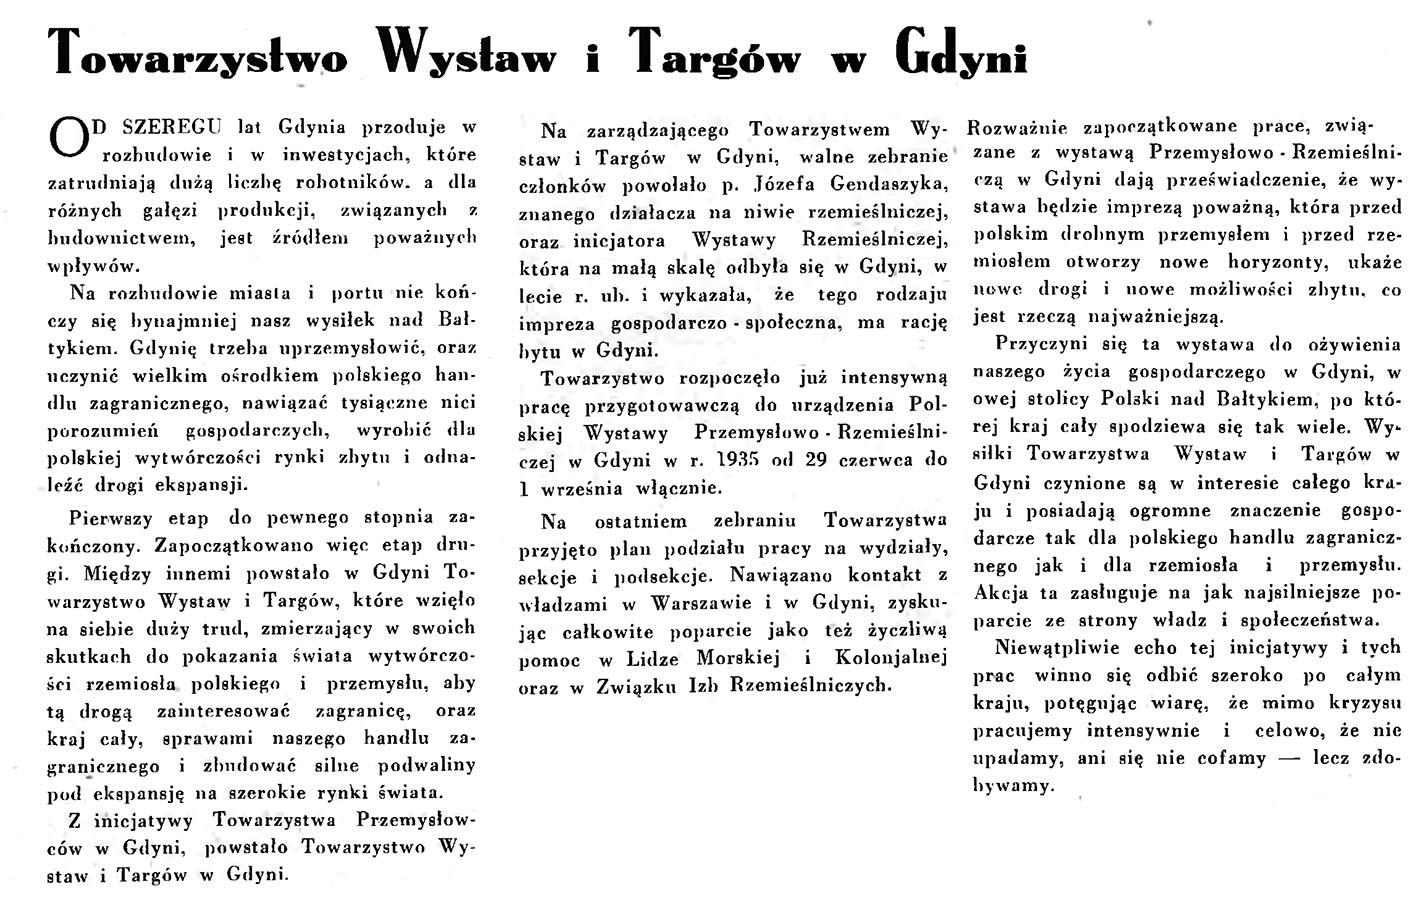 Towarzystwo Wystaw i Targów w Gdyni // Wiadomości Portu Gdyńskiego. - 1935, nr 1, s. 432